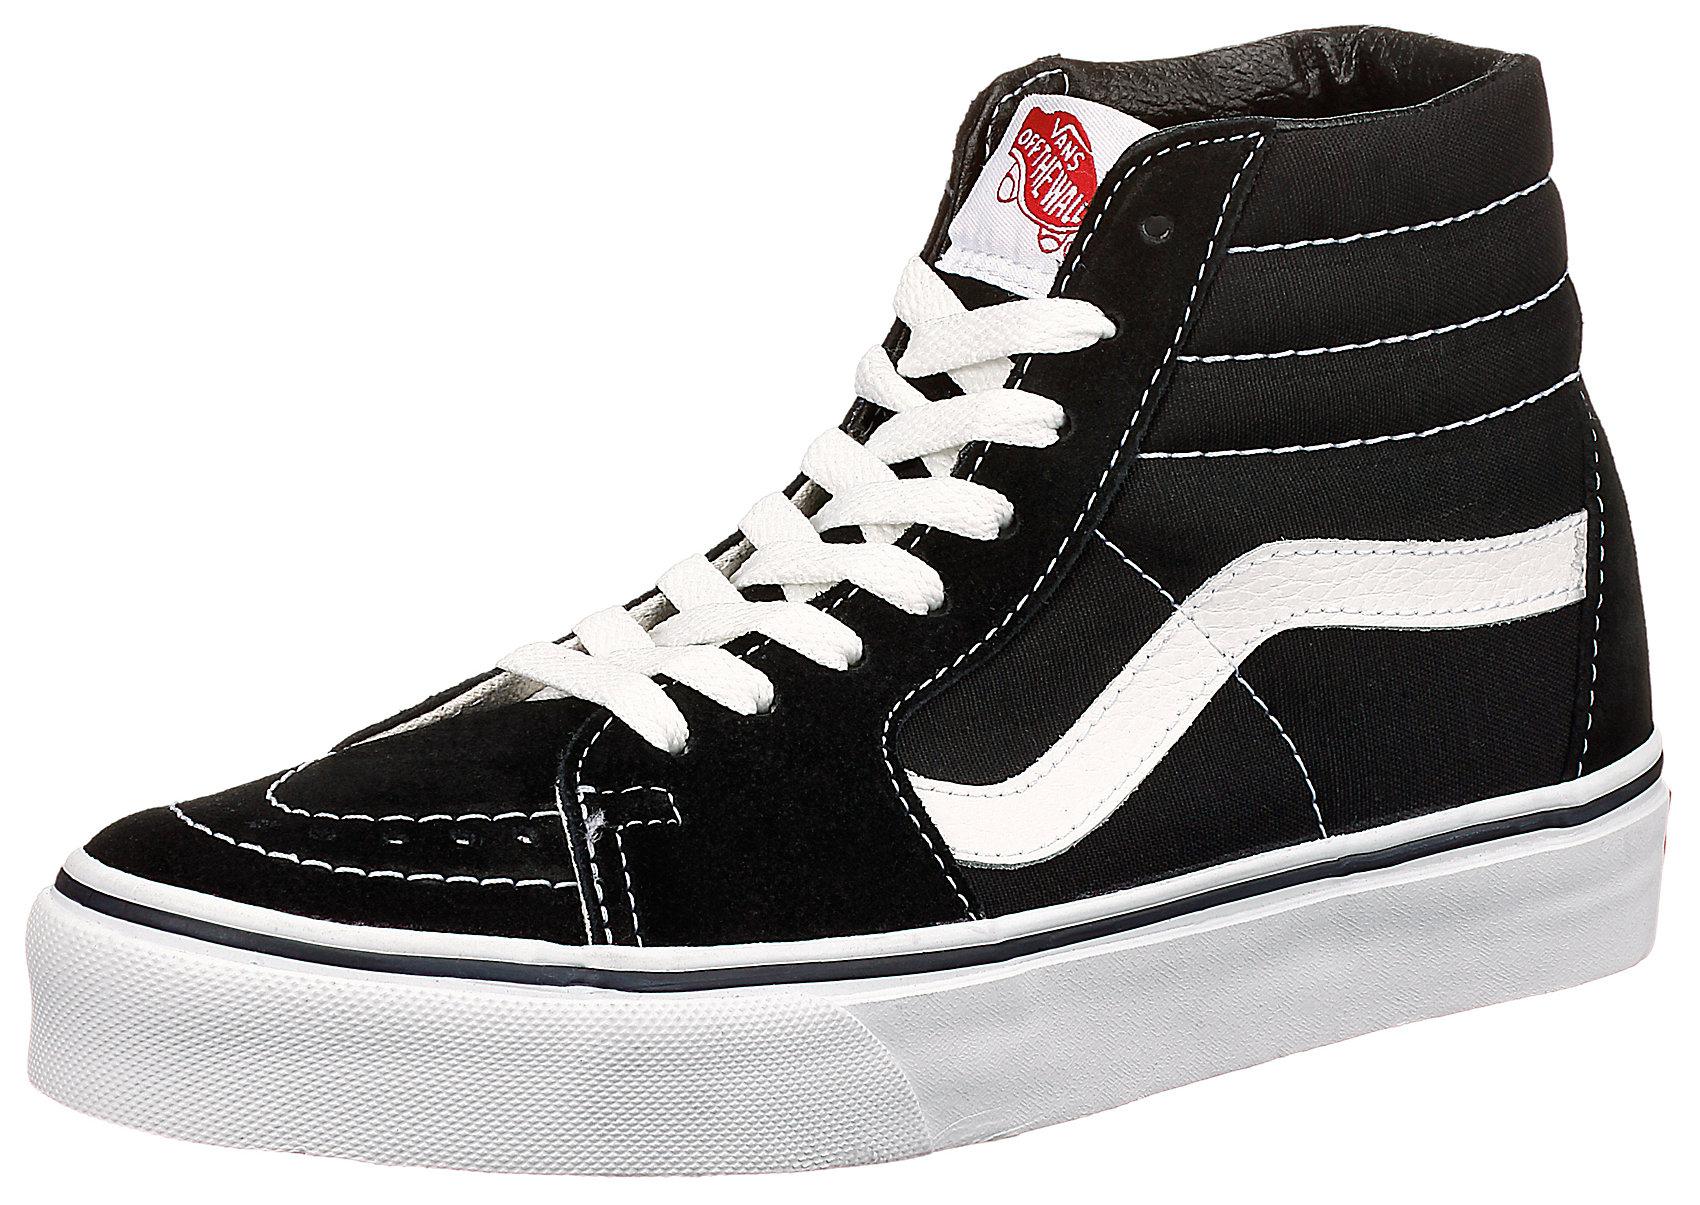 Details zu Neu VANS Ua Sk8 hi Sneakers High 5711074 für Herren und Damen schwarz